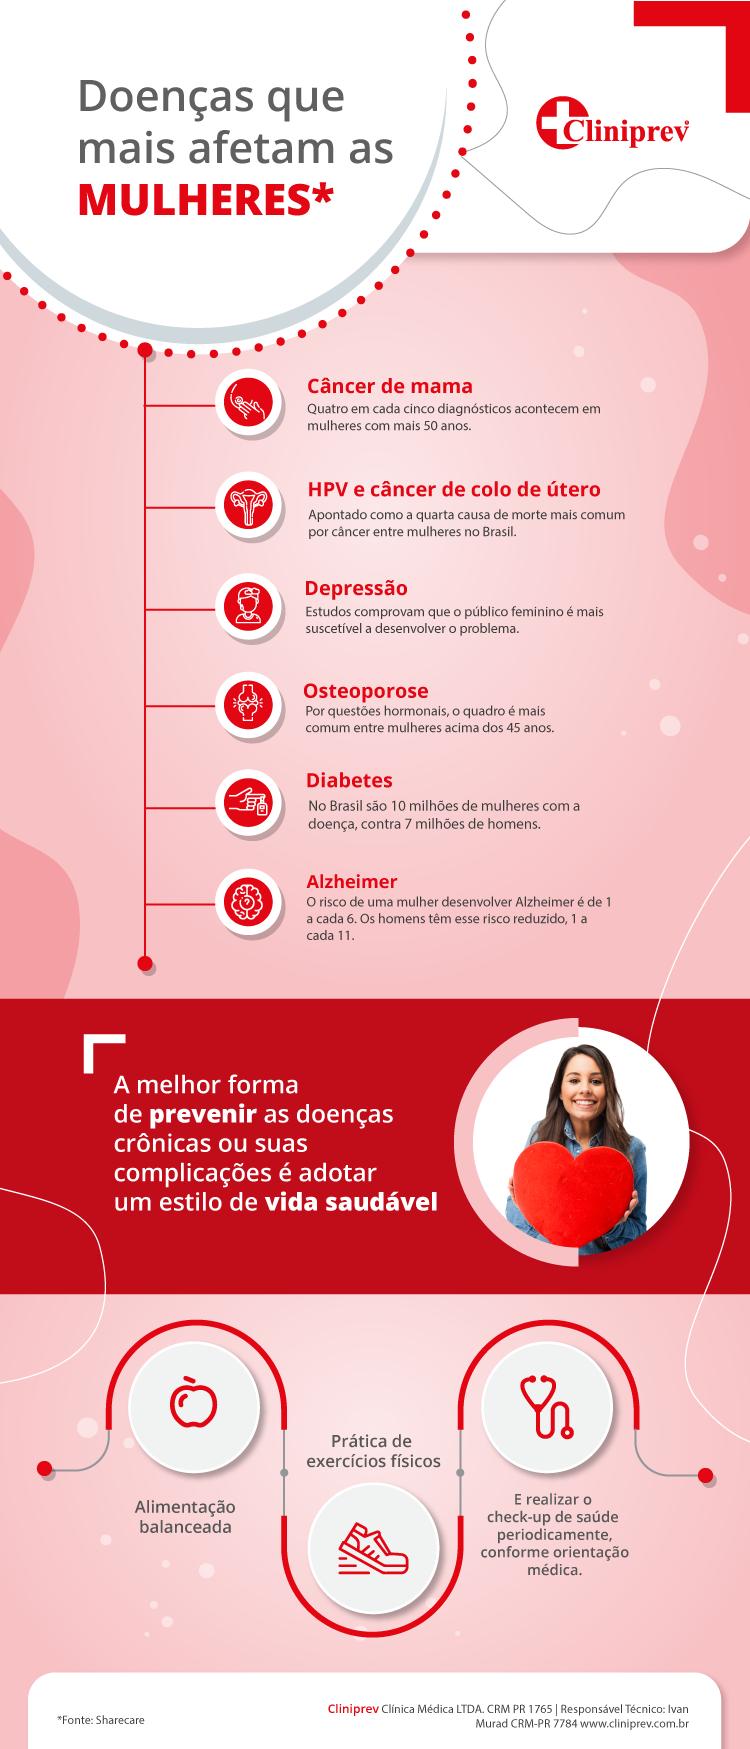 Infográfico com lista das doenças que afetam mais as mulheres.